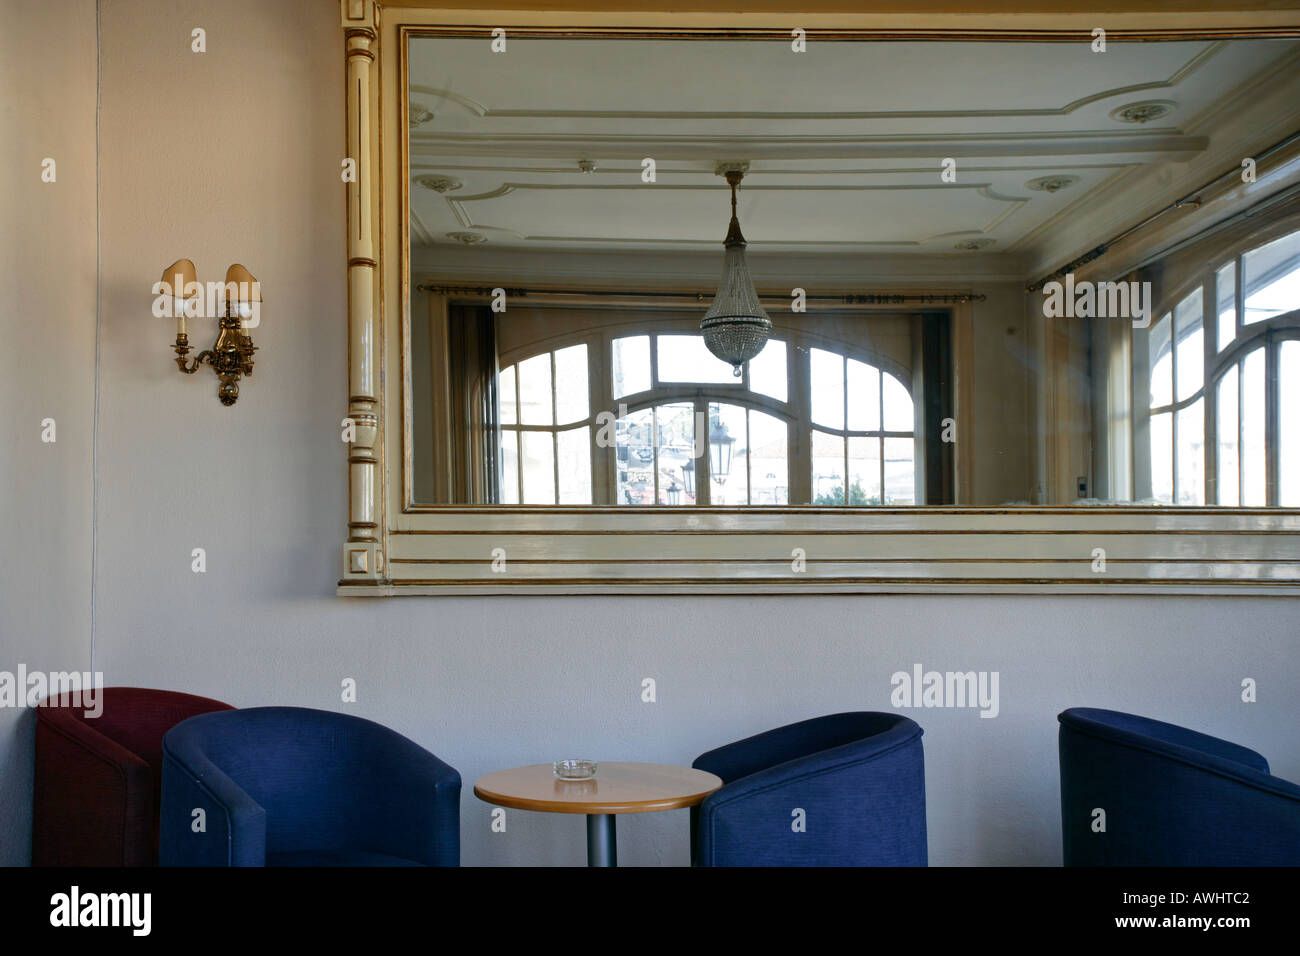 Kronleuchter Für Große Räume ~ Ein leerer raum mit einem großen vergoldeten gerahmte spiegel plüsch